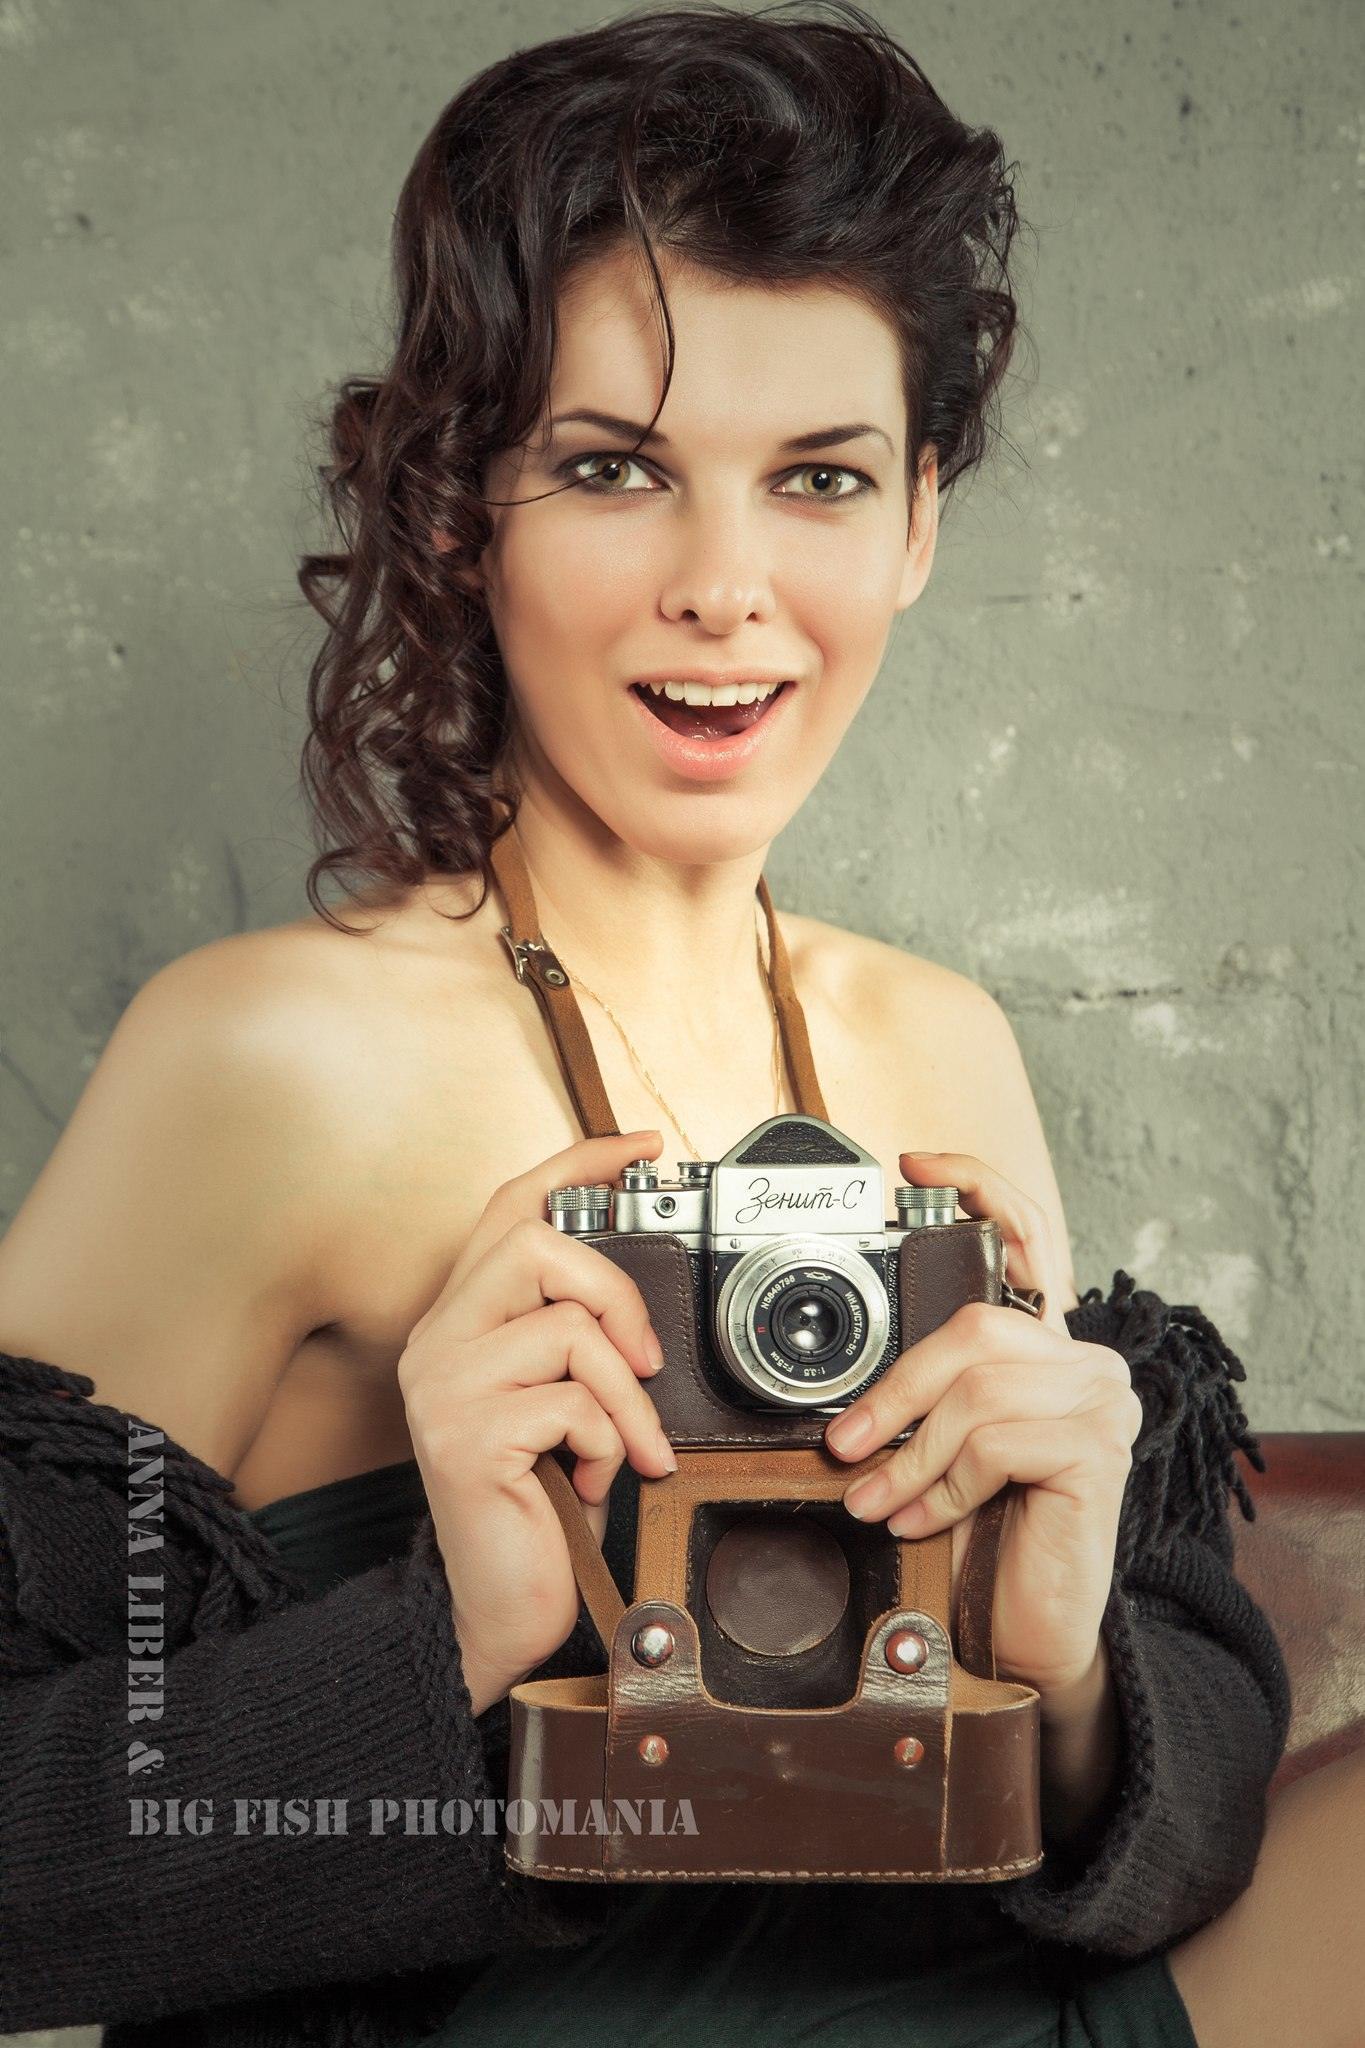 полные портфолио фотографов многолетнее травянистое